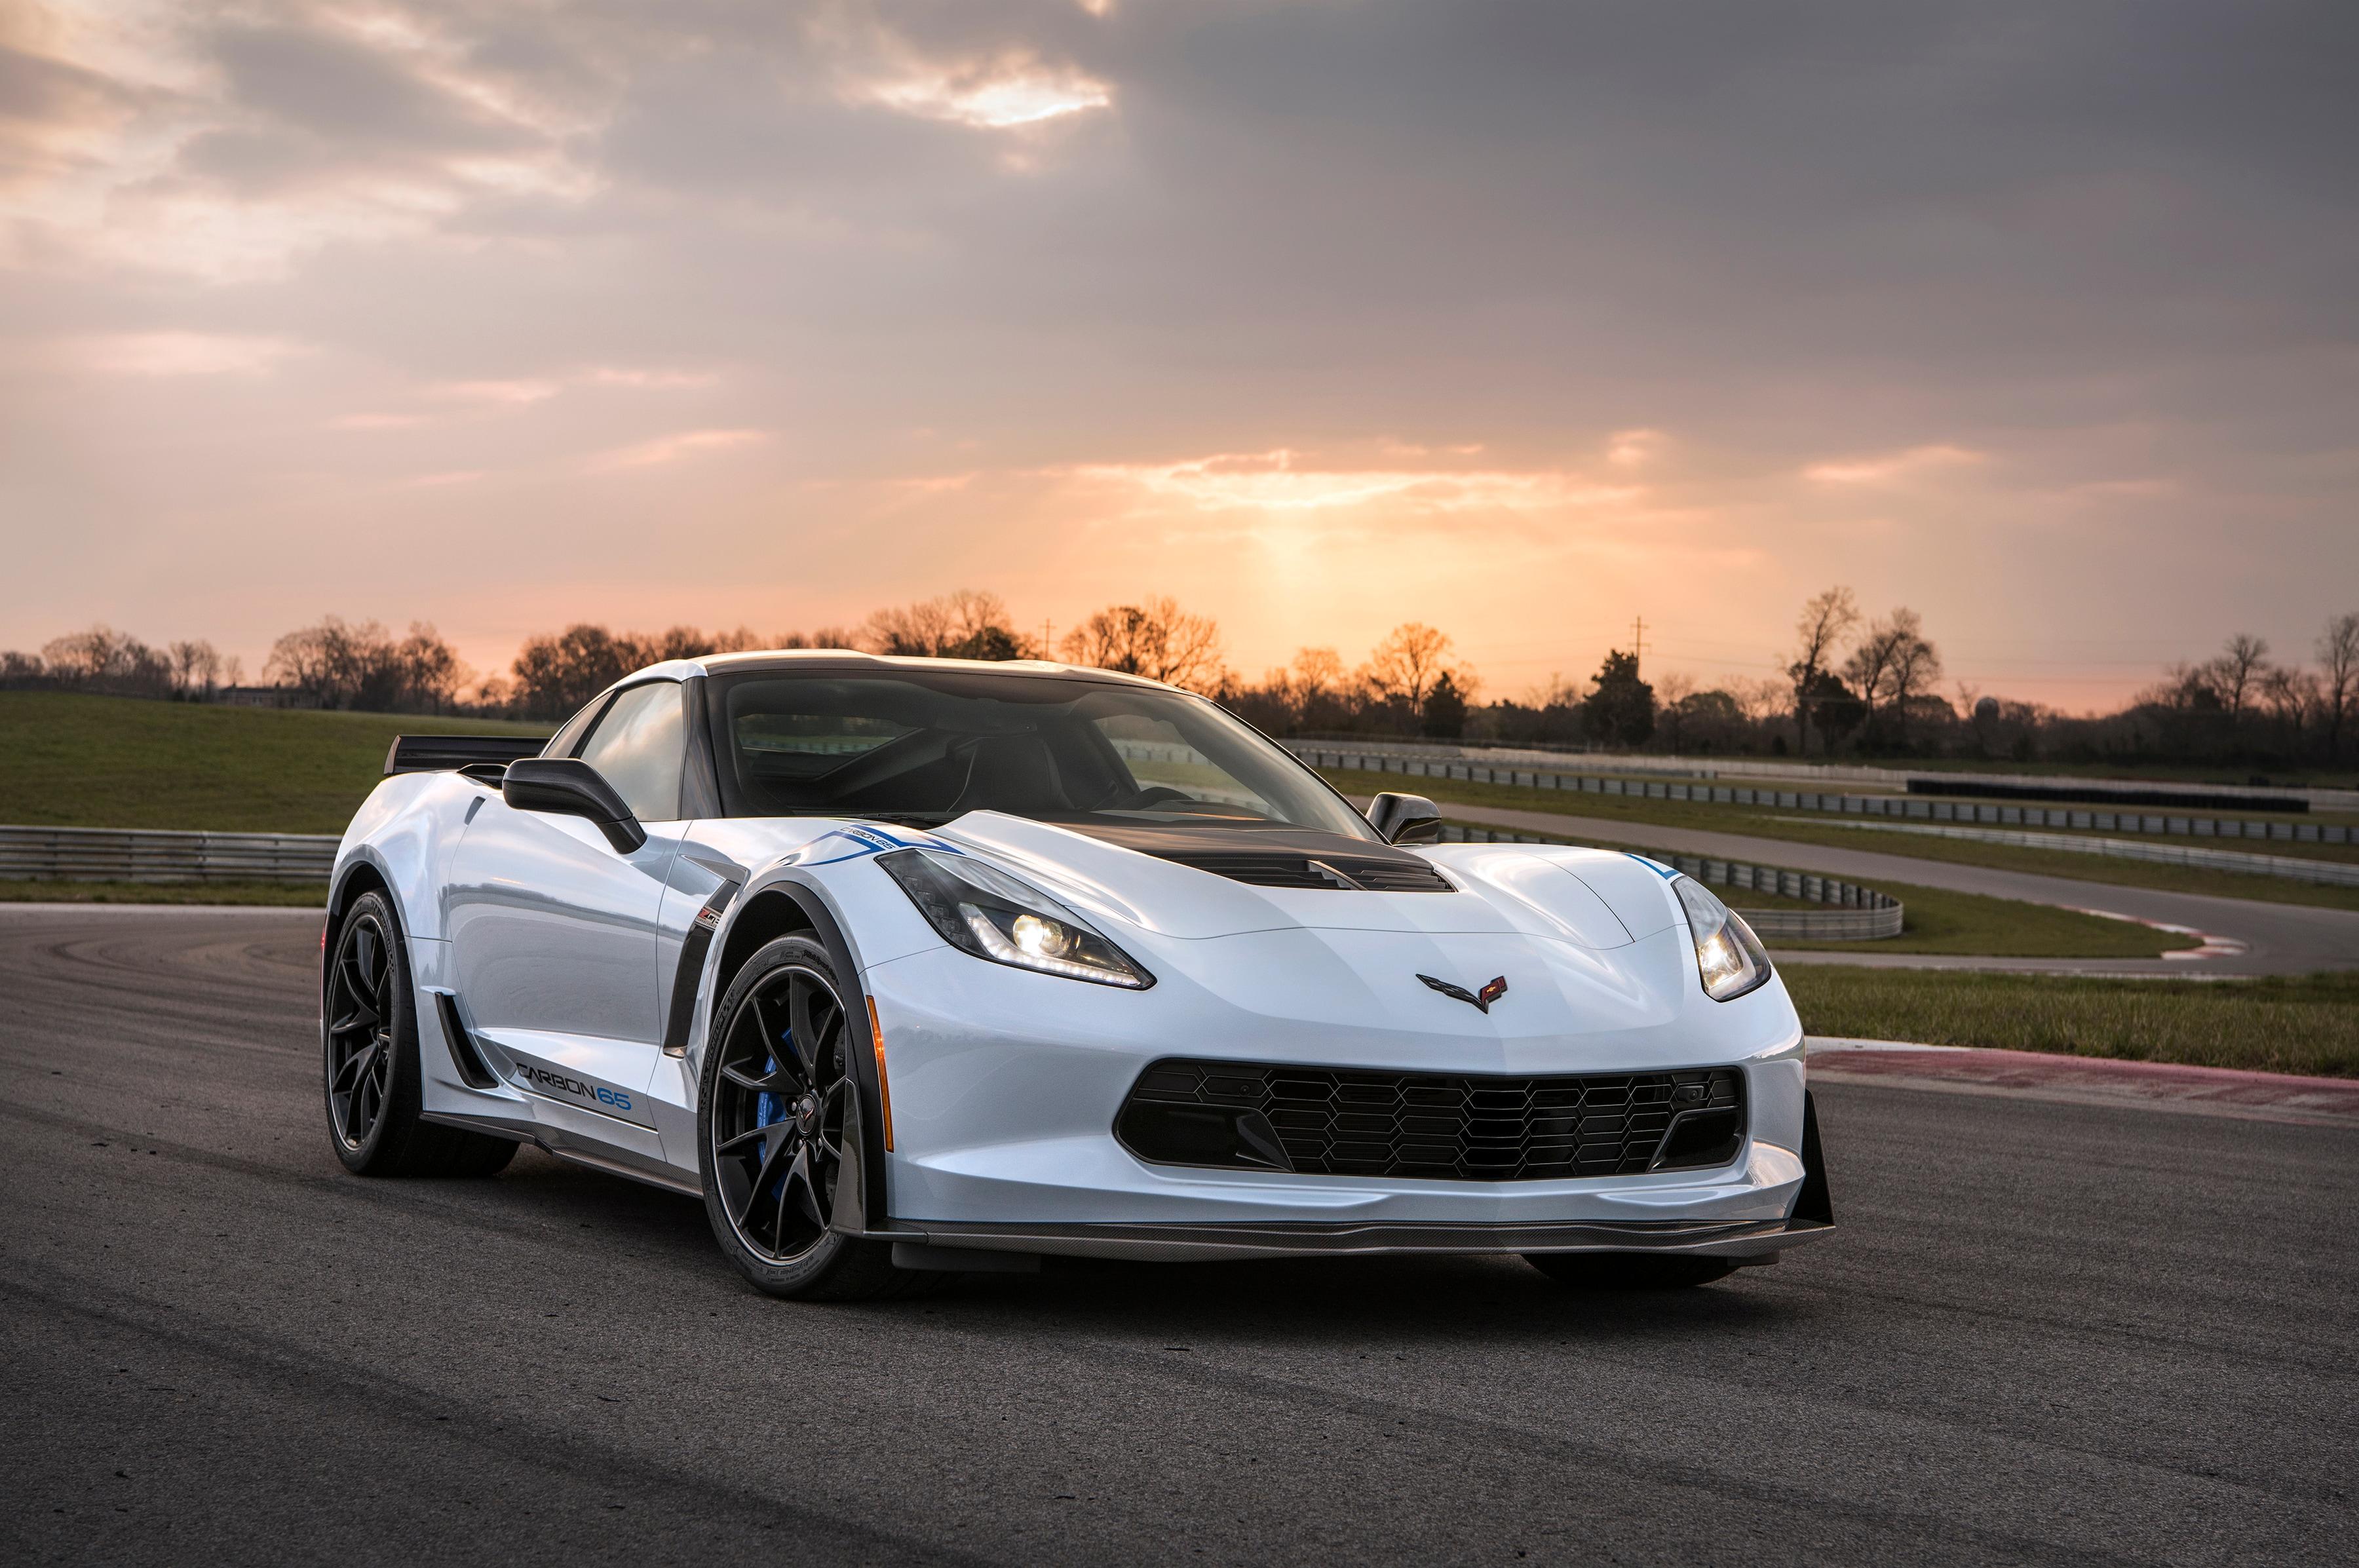 2018 Corvette Carbon 65 Edition models